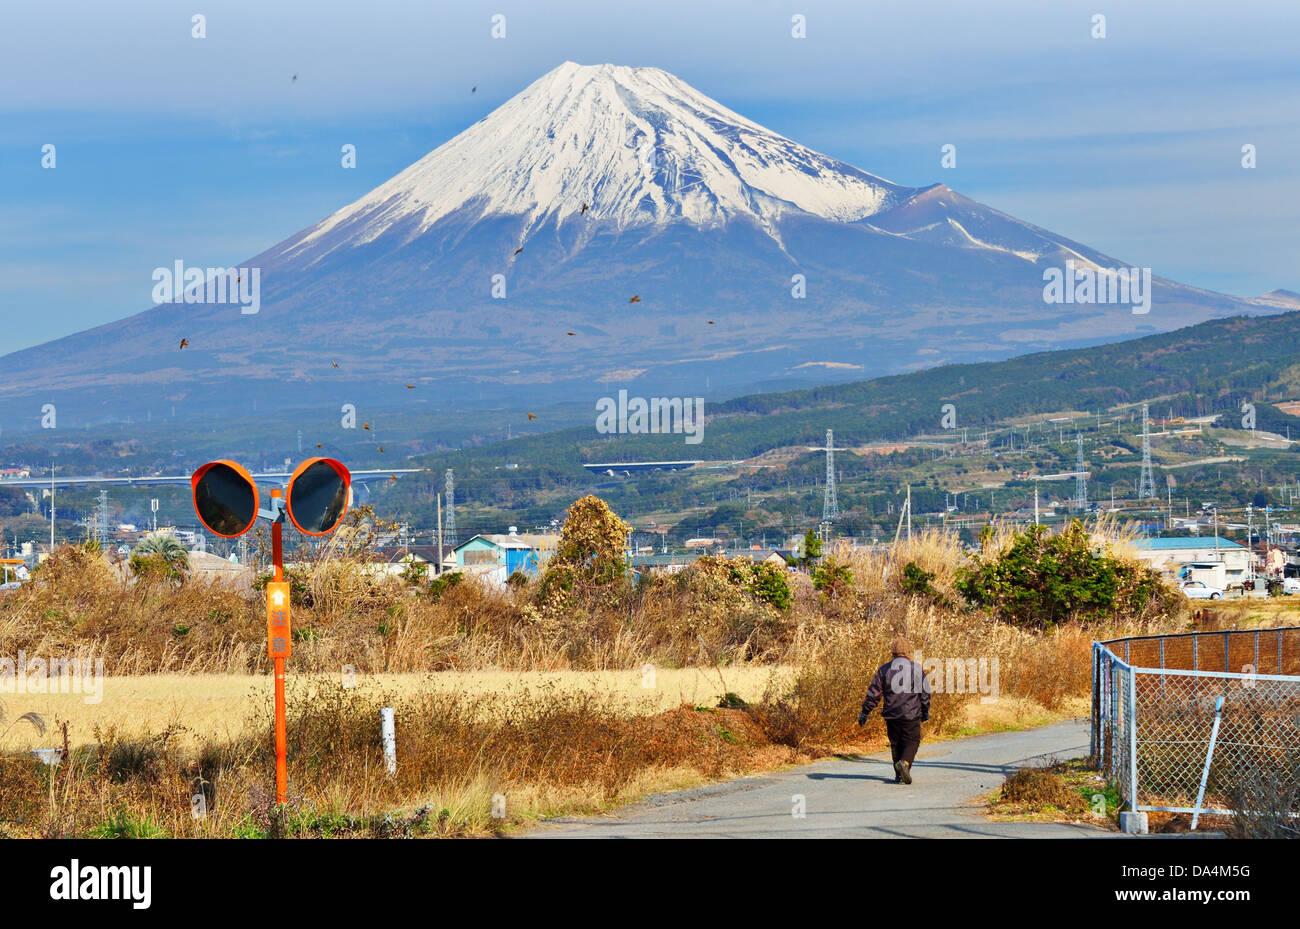 Les terres agricoles en dessous de Mt. Fuji au Japon. Photo Stock